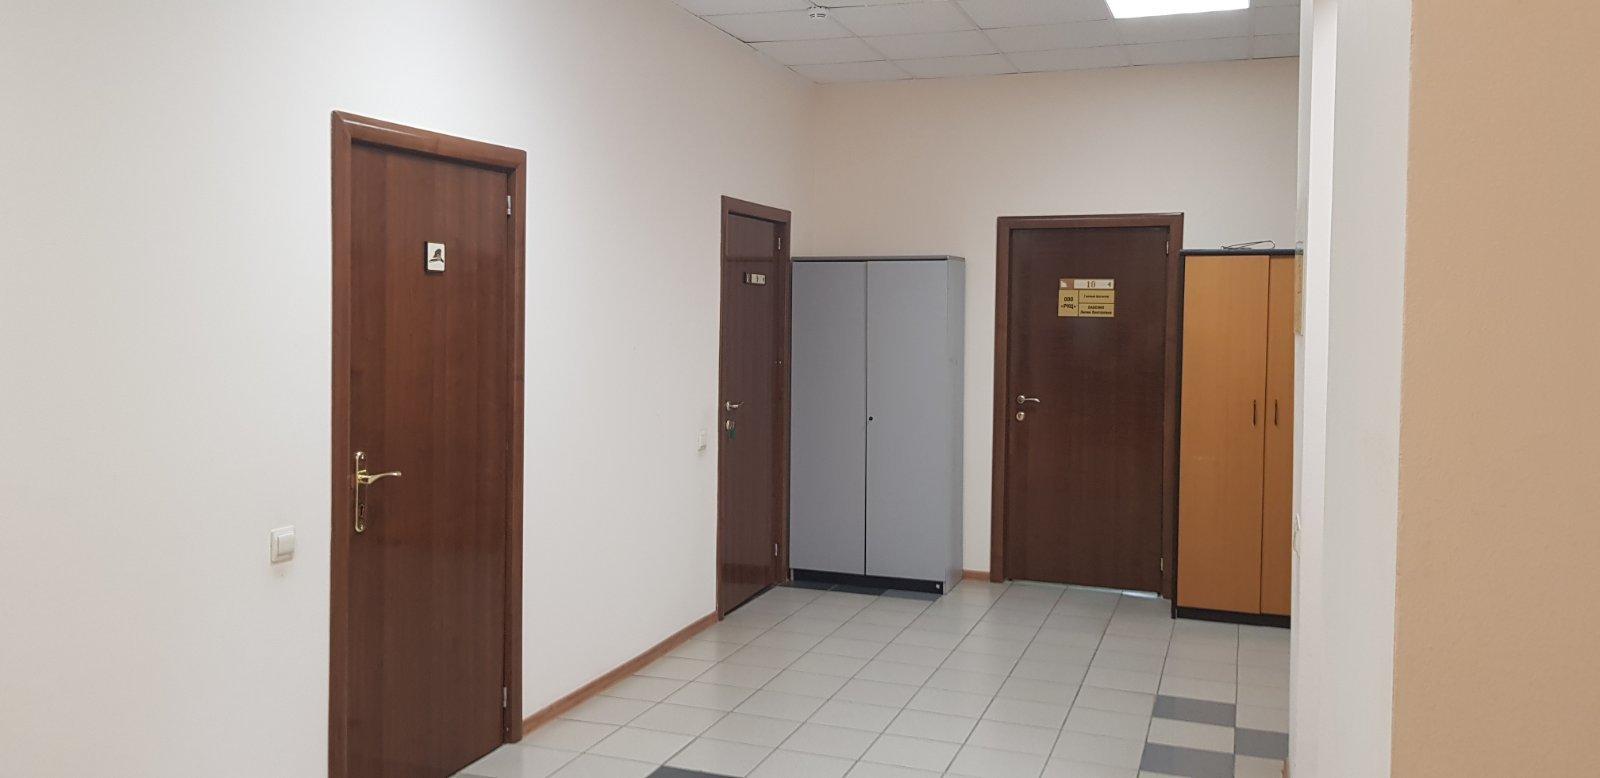 Аренда коммерческой недвижимости, 290м <sup>2</sup>, Тольятти, Голосова улица